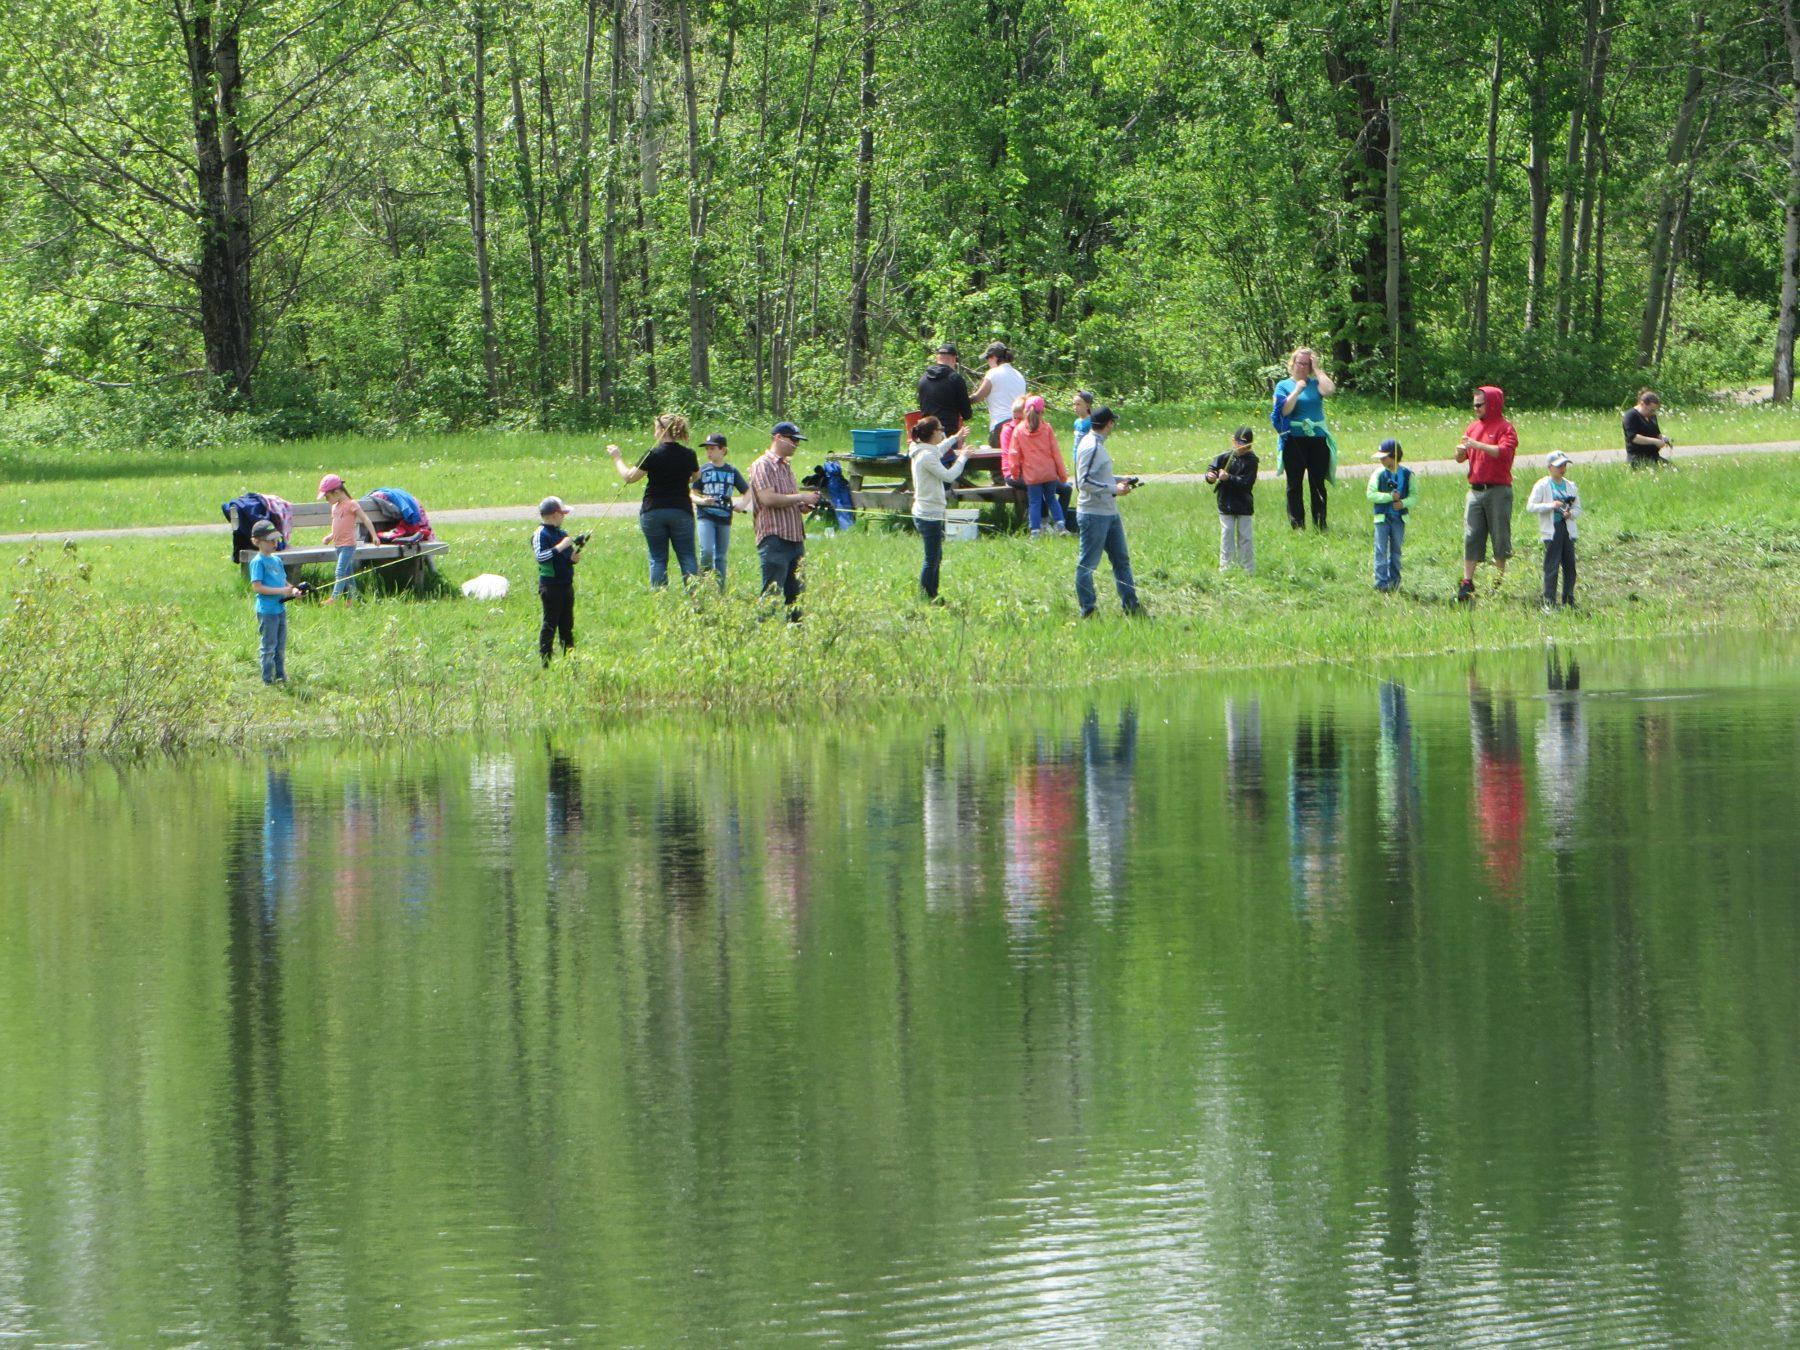 La Pêche en ville est une activité se déroulant en juin de chaque année. Elle permet aux jeunes de s'initier à la pêche. Plusieurs jeunes viennent accompagnés de leurs parents à la Base de plein air de Sainte-Foy.